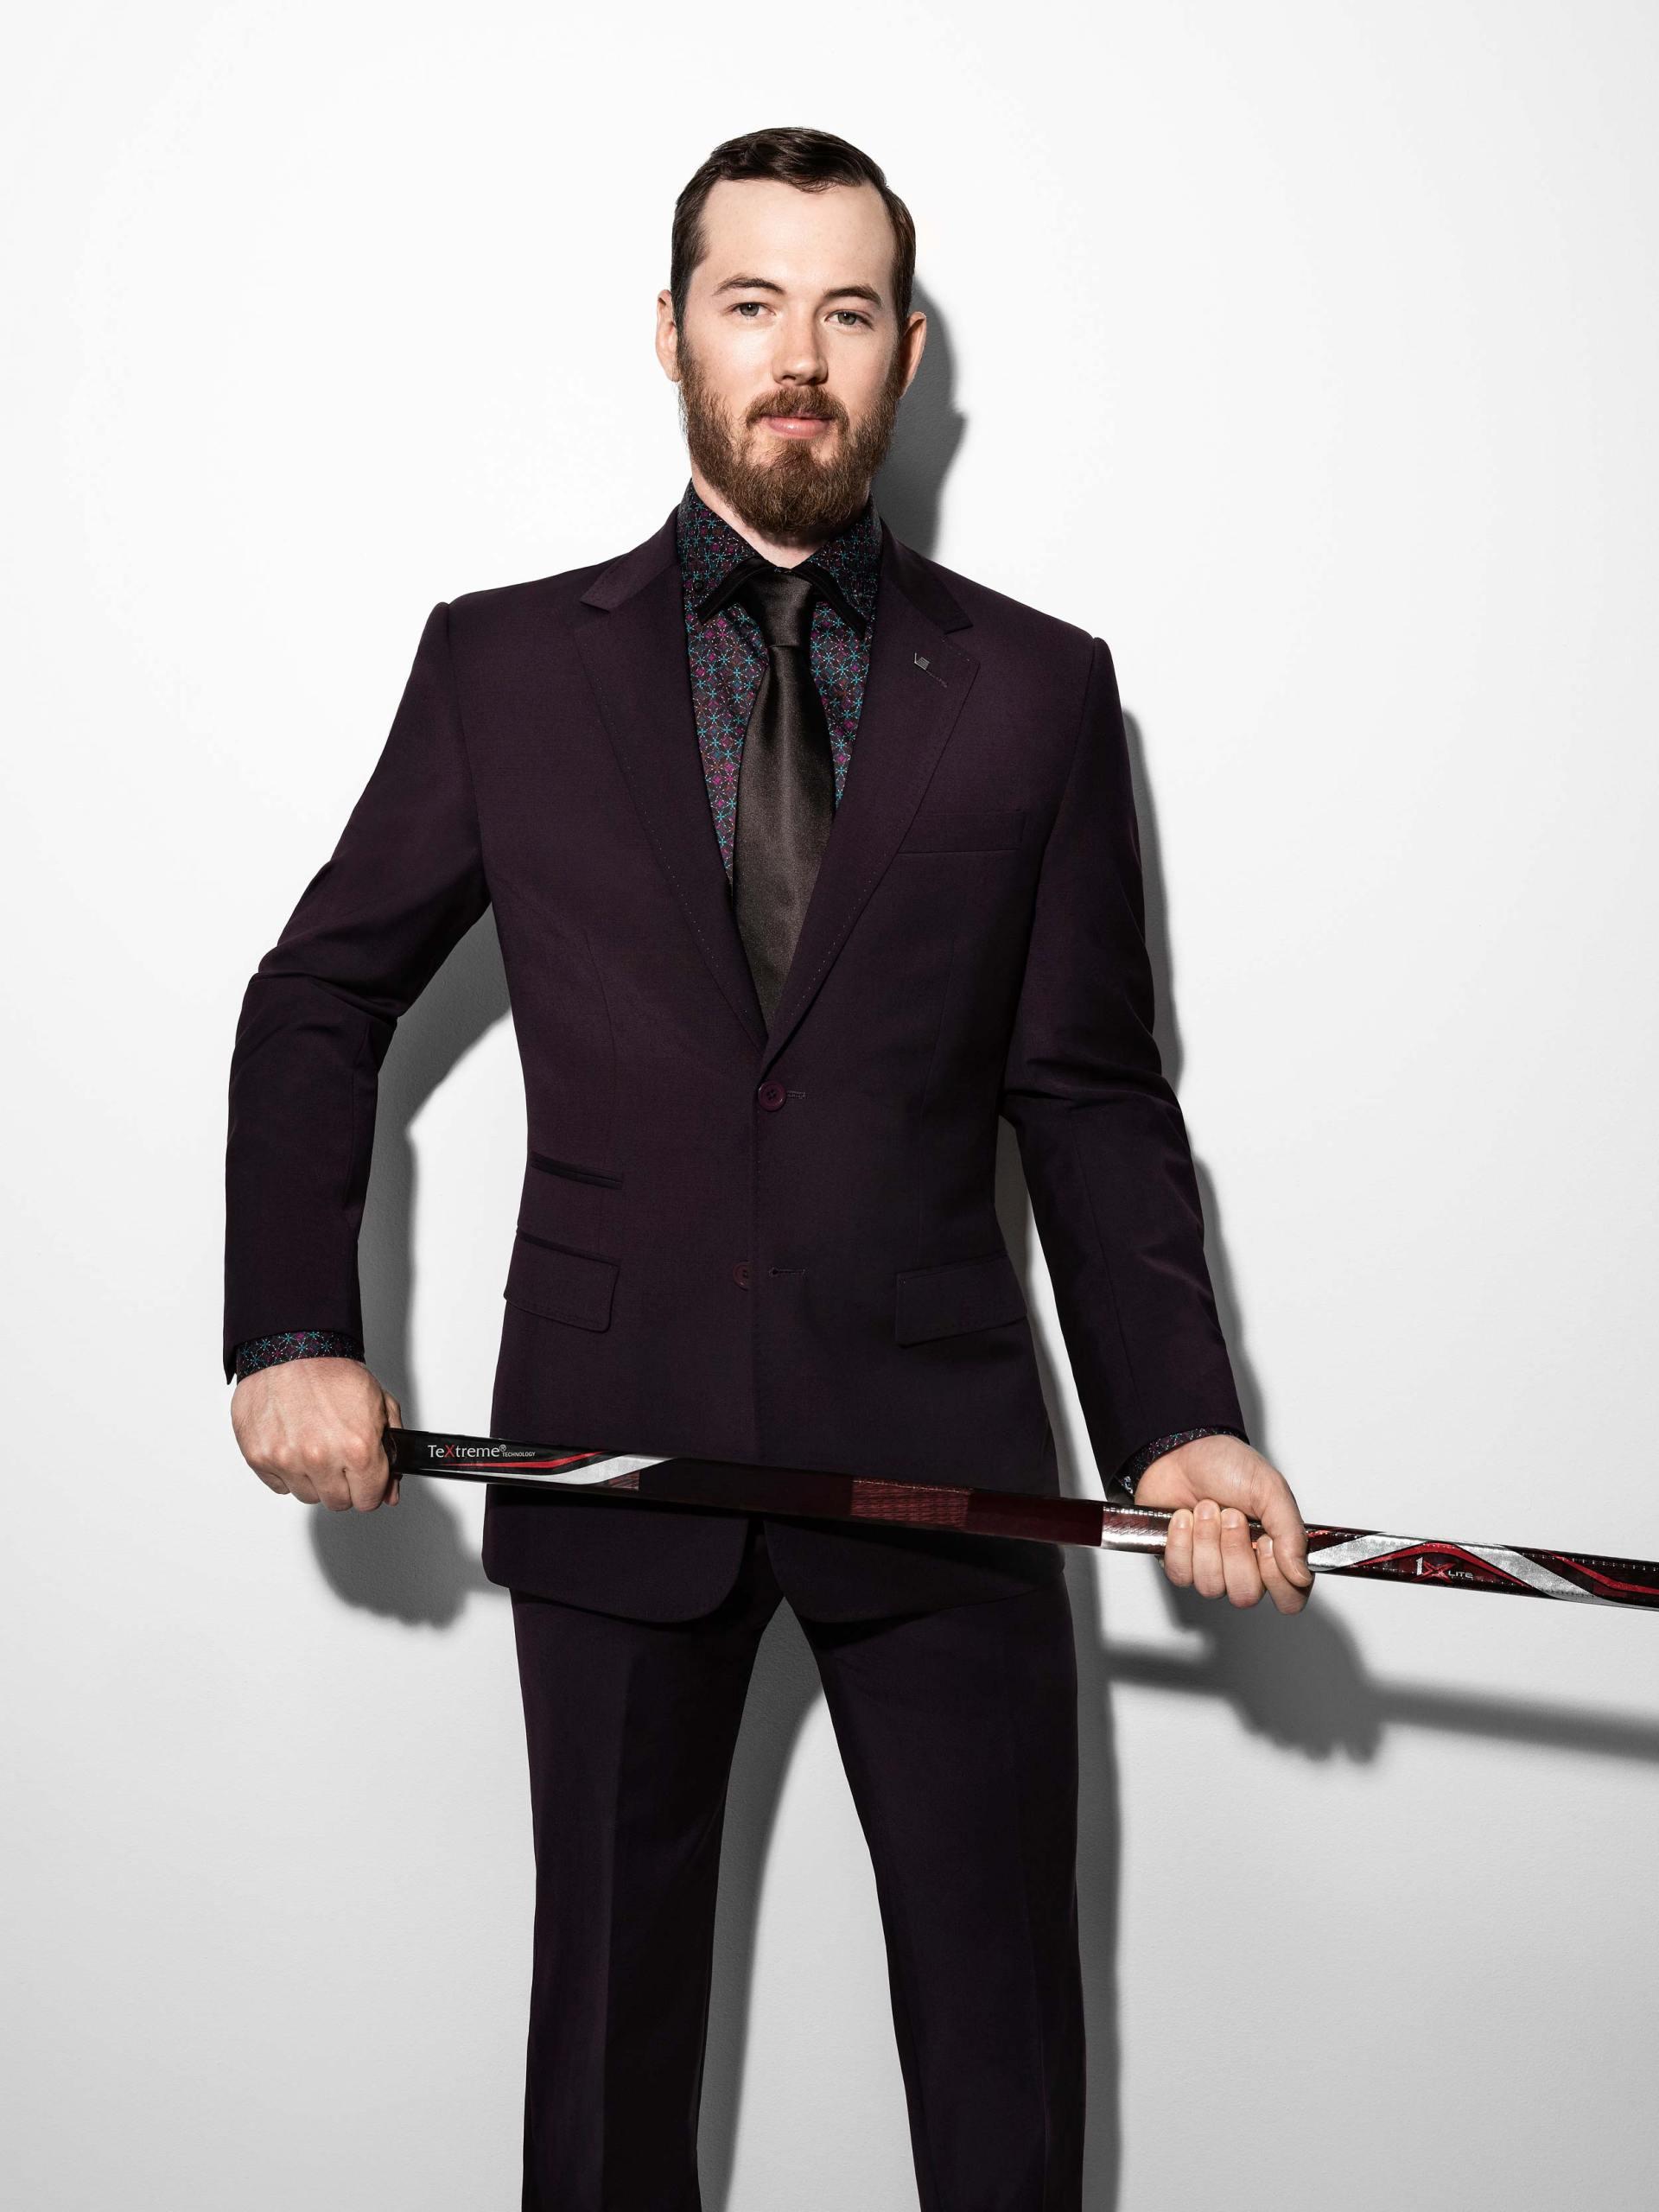 Vincent d'Amérique - Paul Byron (Joueur pour les Canadiens de Montréal)